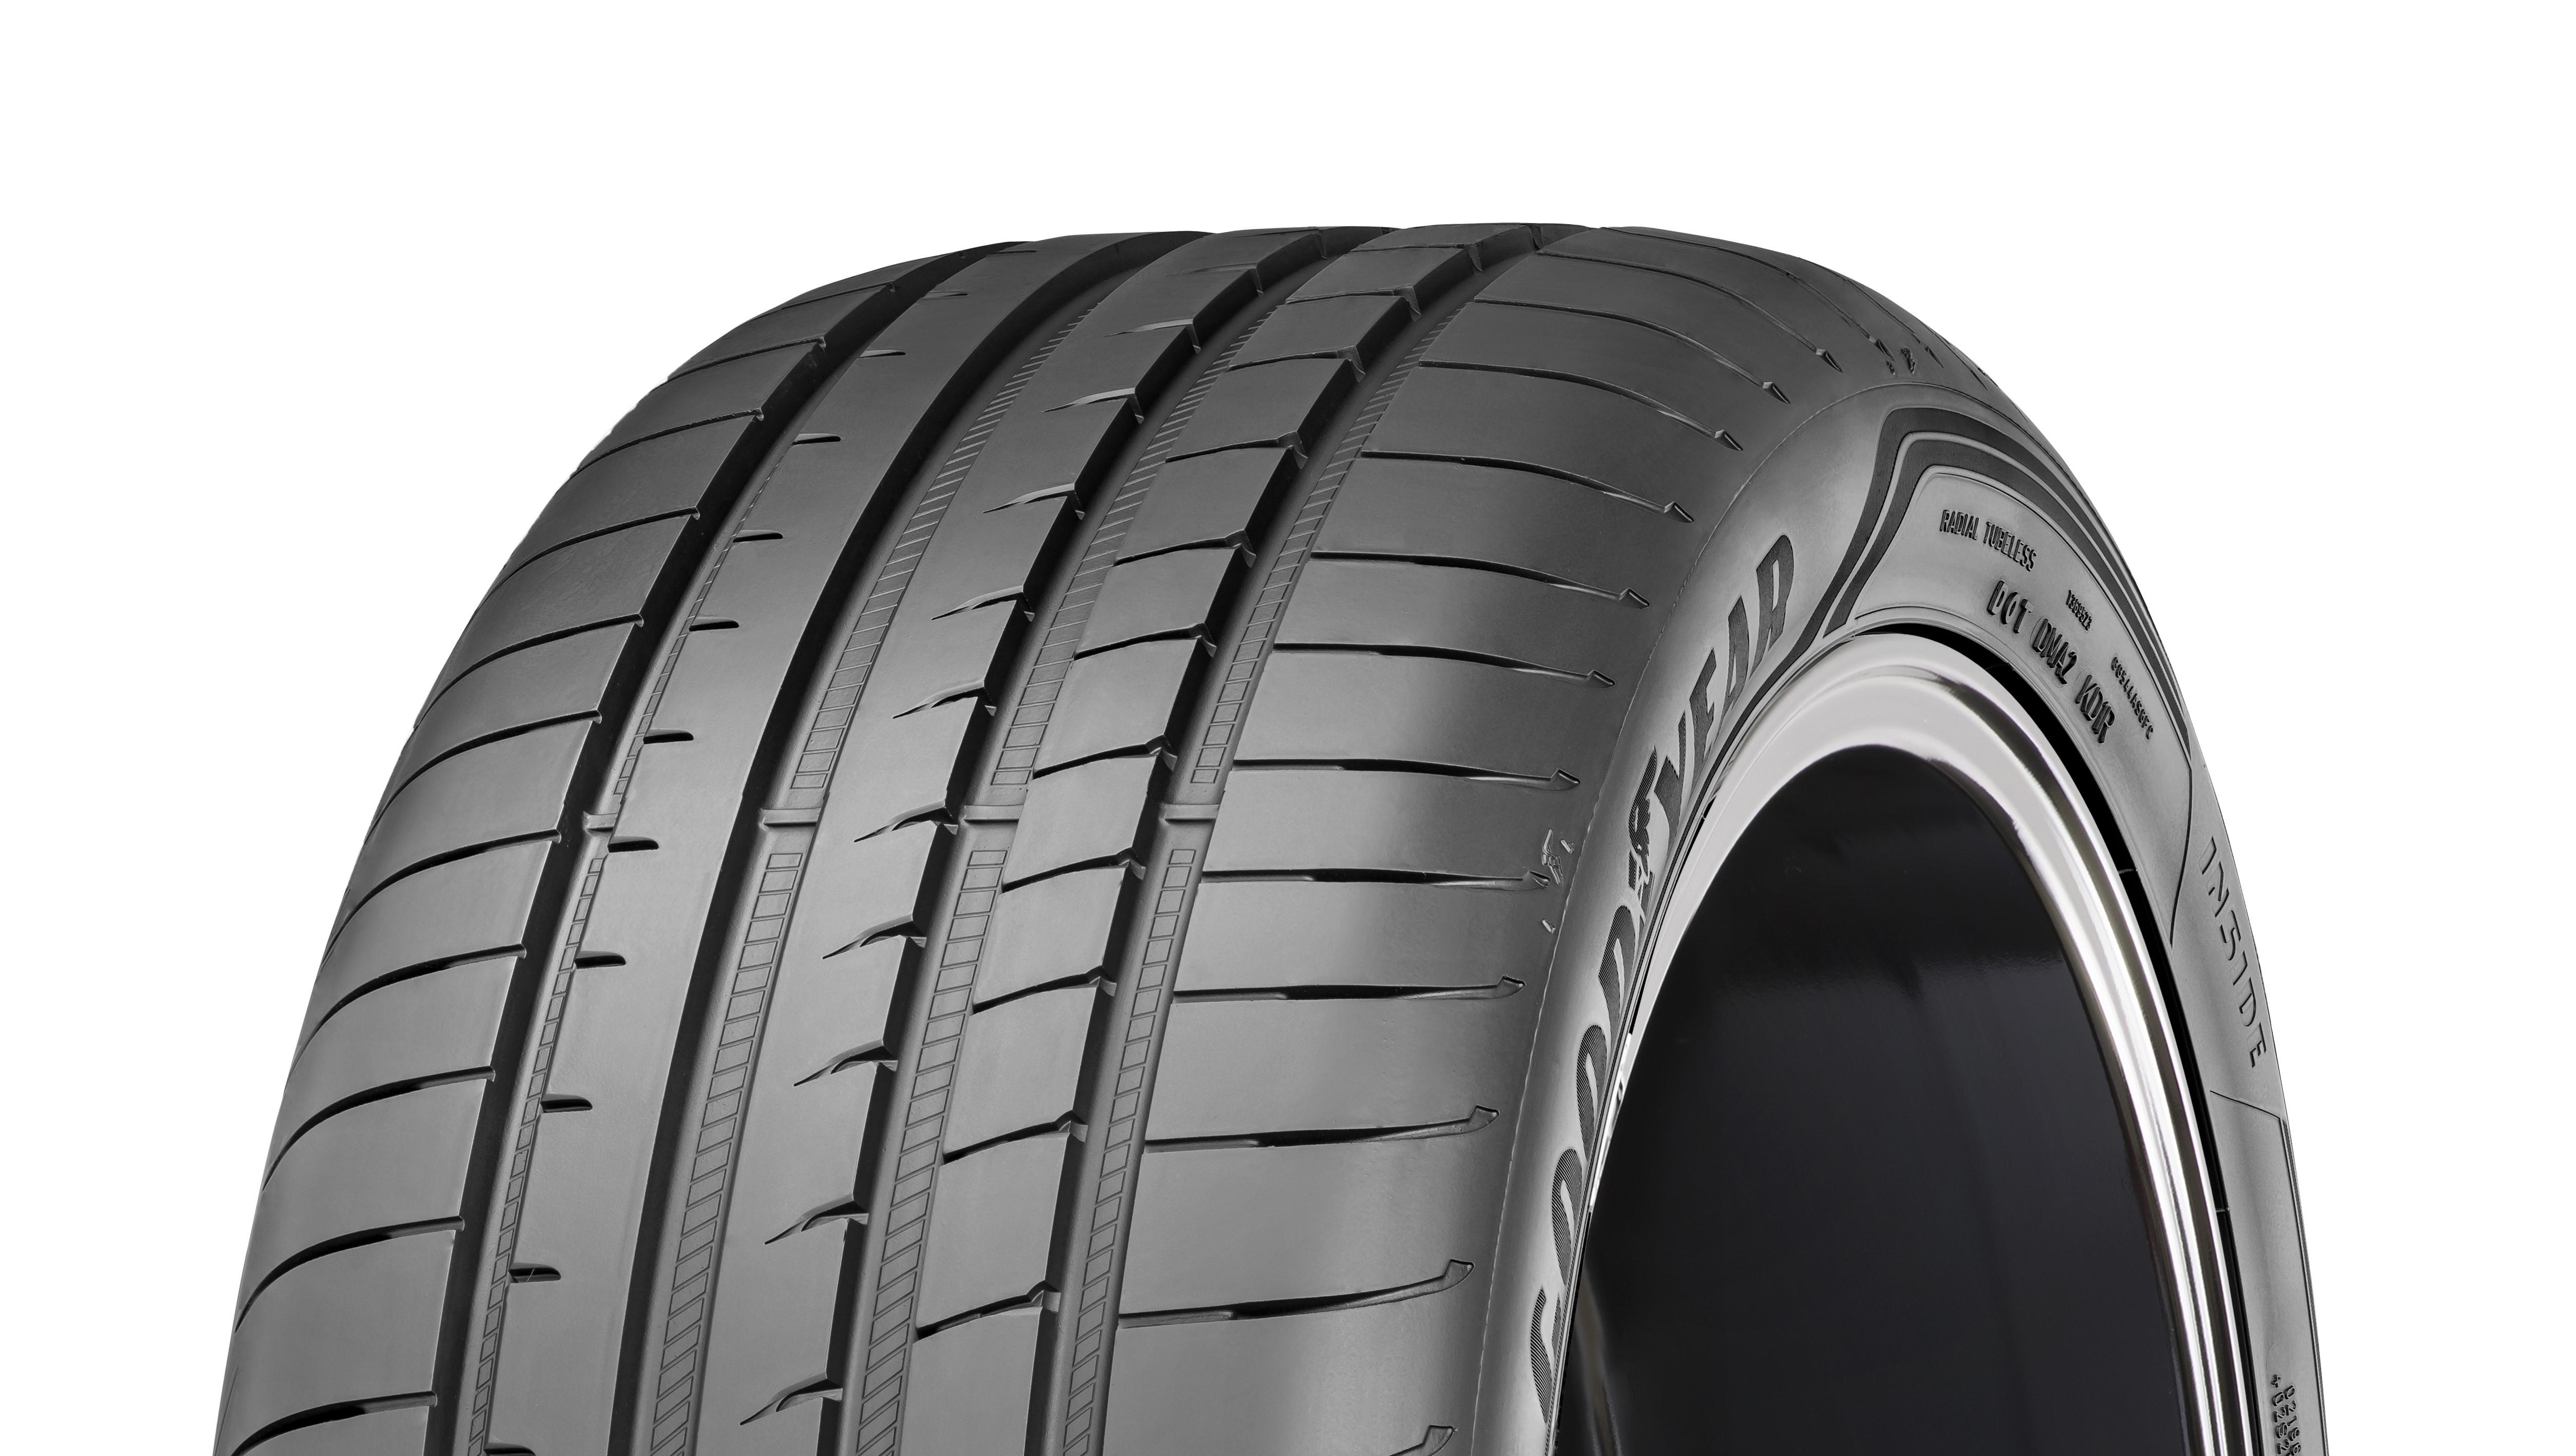 Goodyear Dunlop Nordic Geomax Mx3s Rr 100 18 Tt Ban Motor Goodyears Intelligenta Dckprototyp R Utformad Fr Att Skerstlla Optimal Kommunikation Mellan Dck Och Fordonsparksoperatrervid 2018 Rs